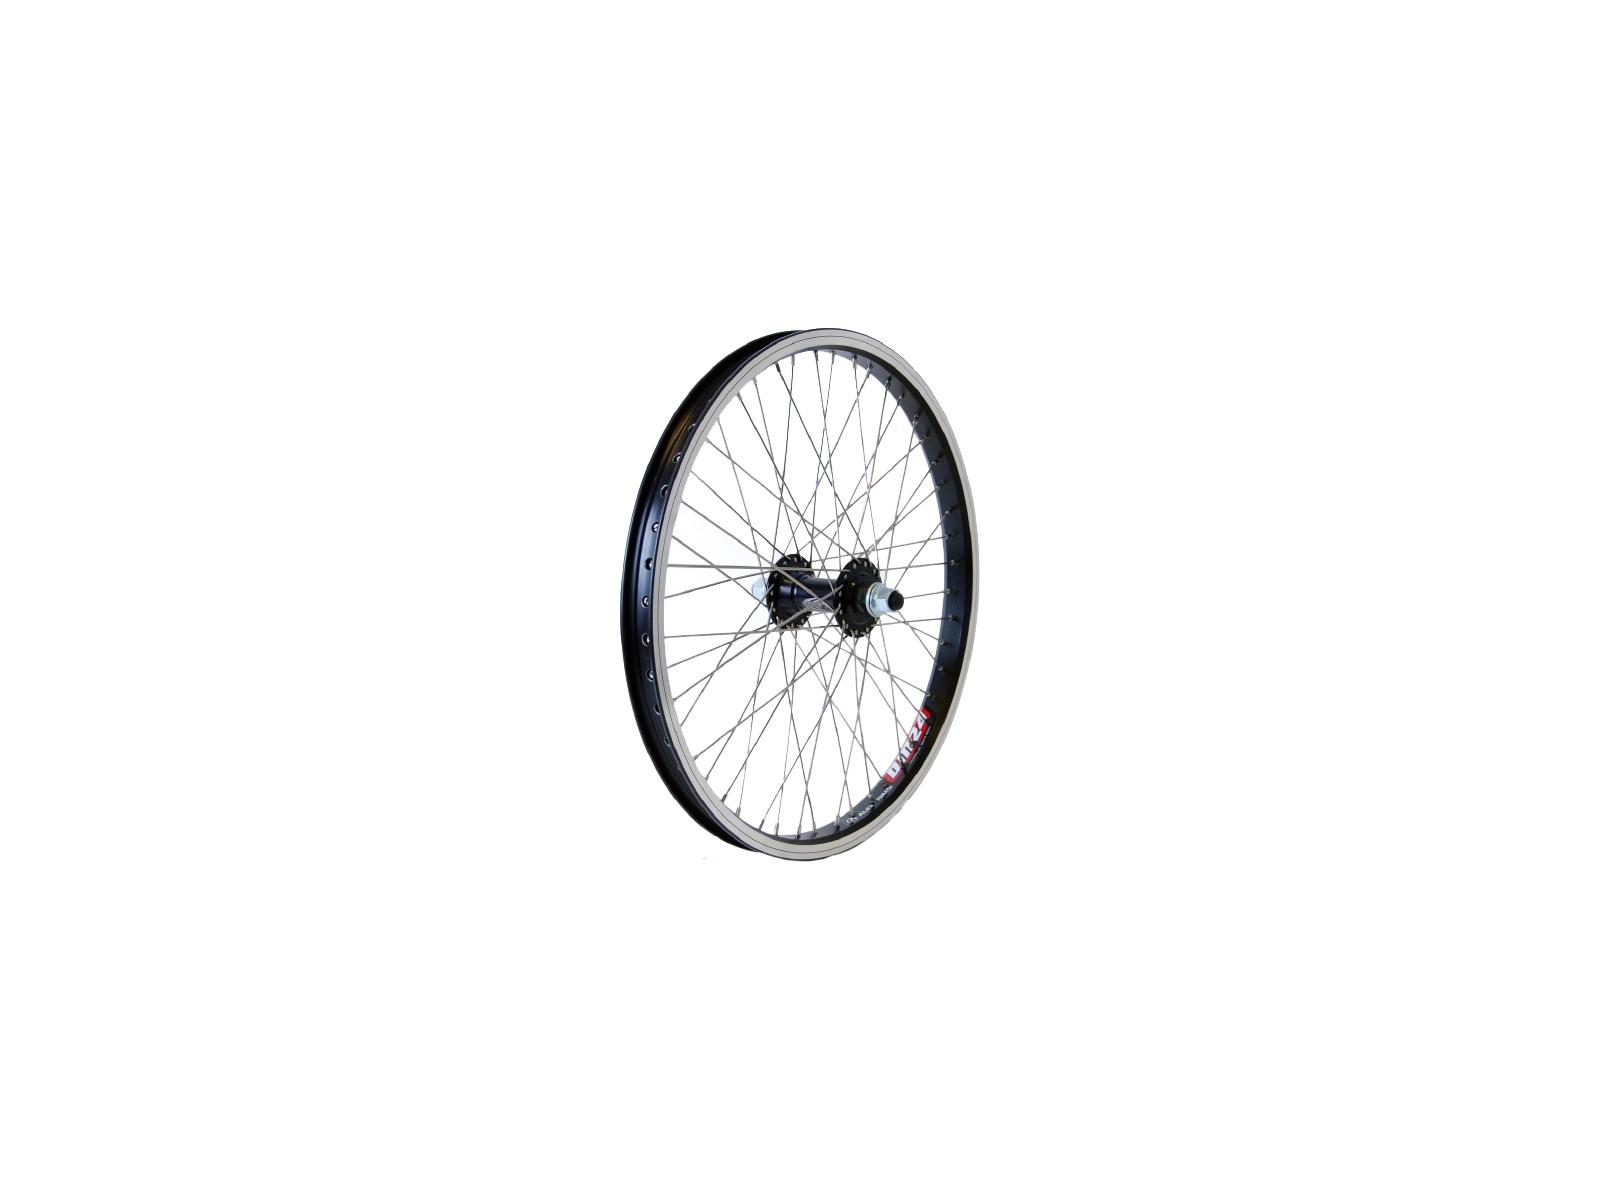 Hjul til BMX cykler